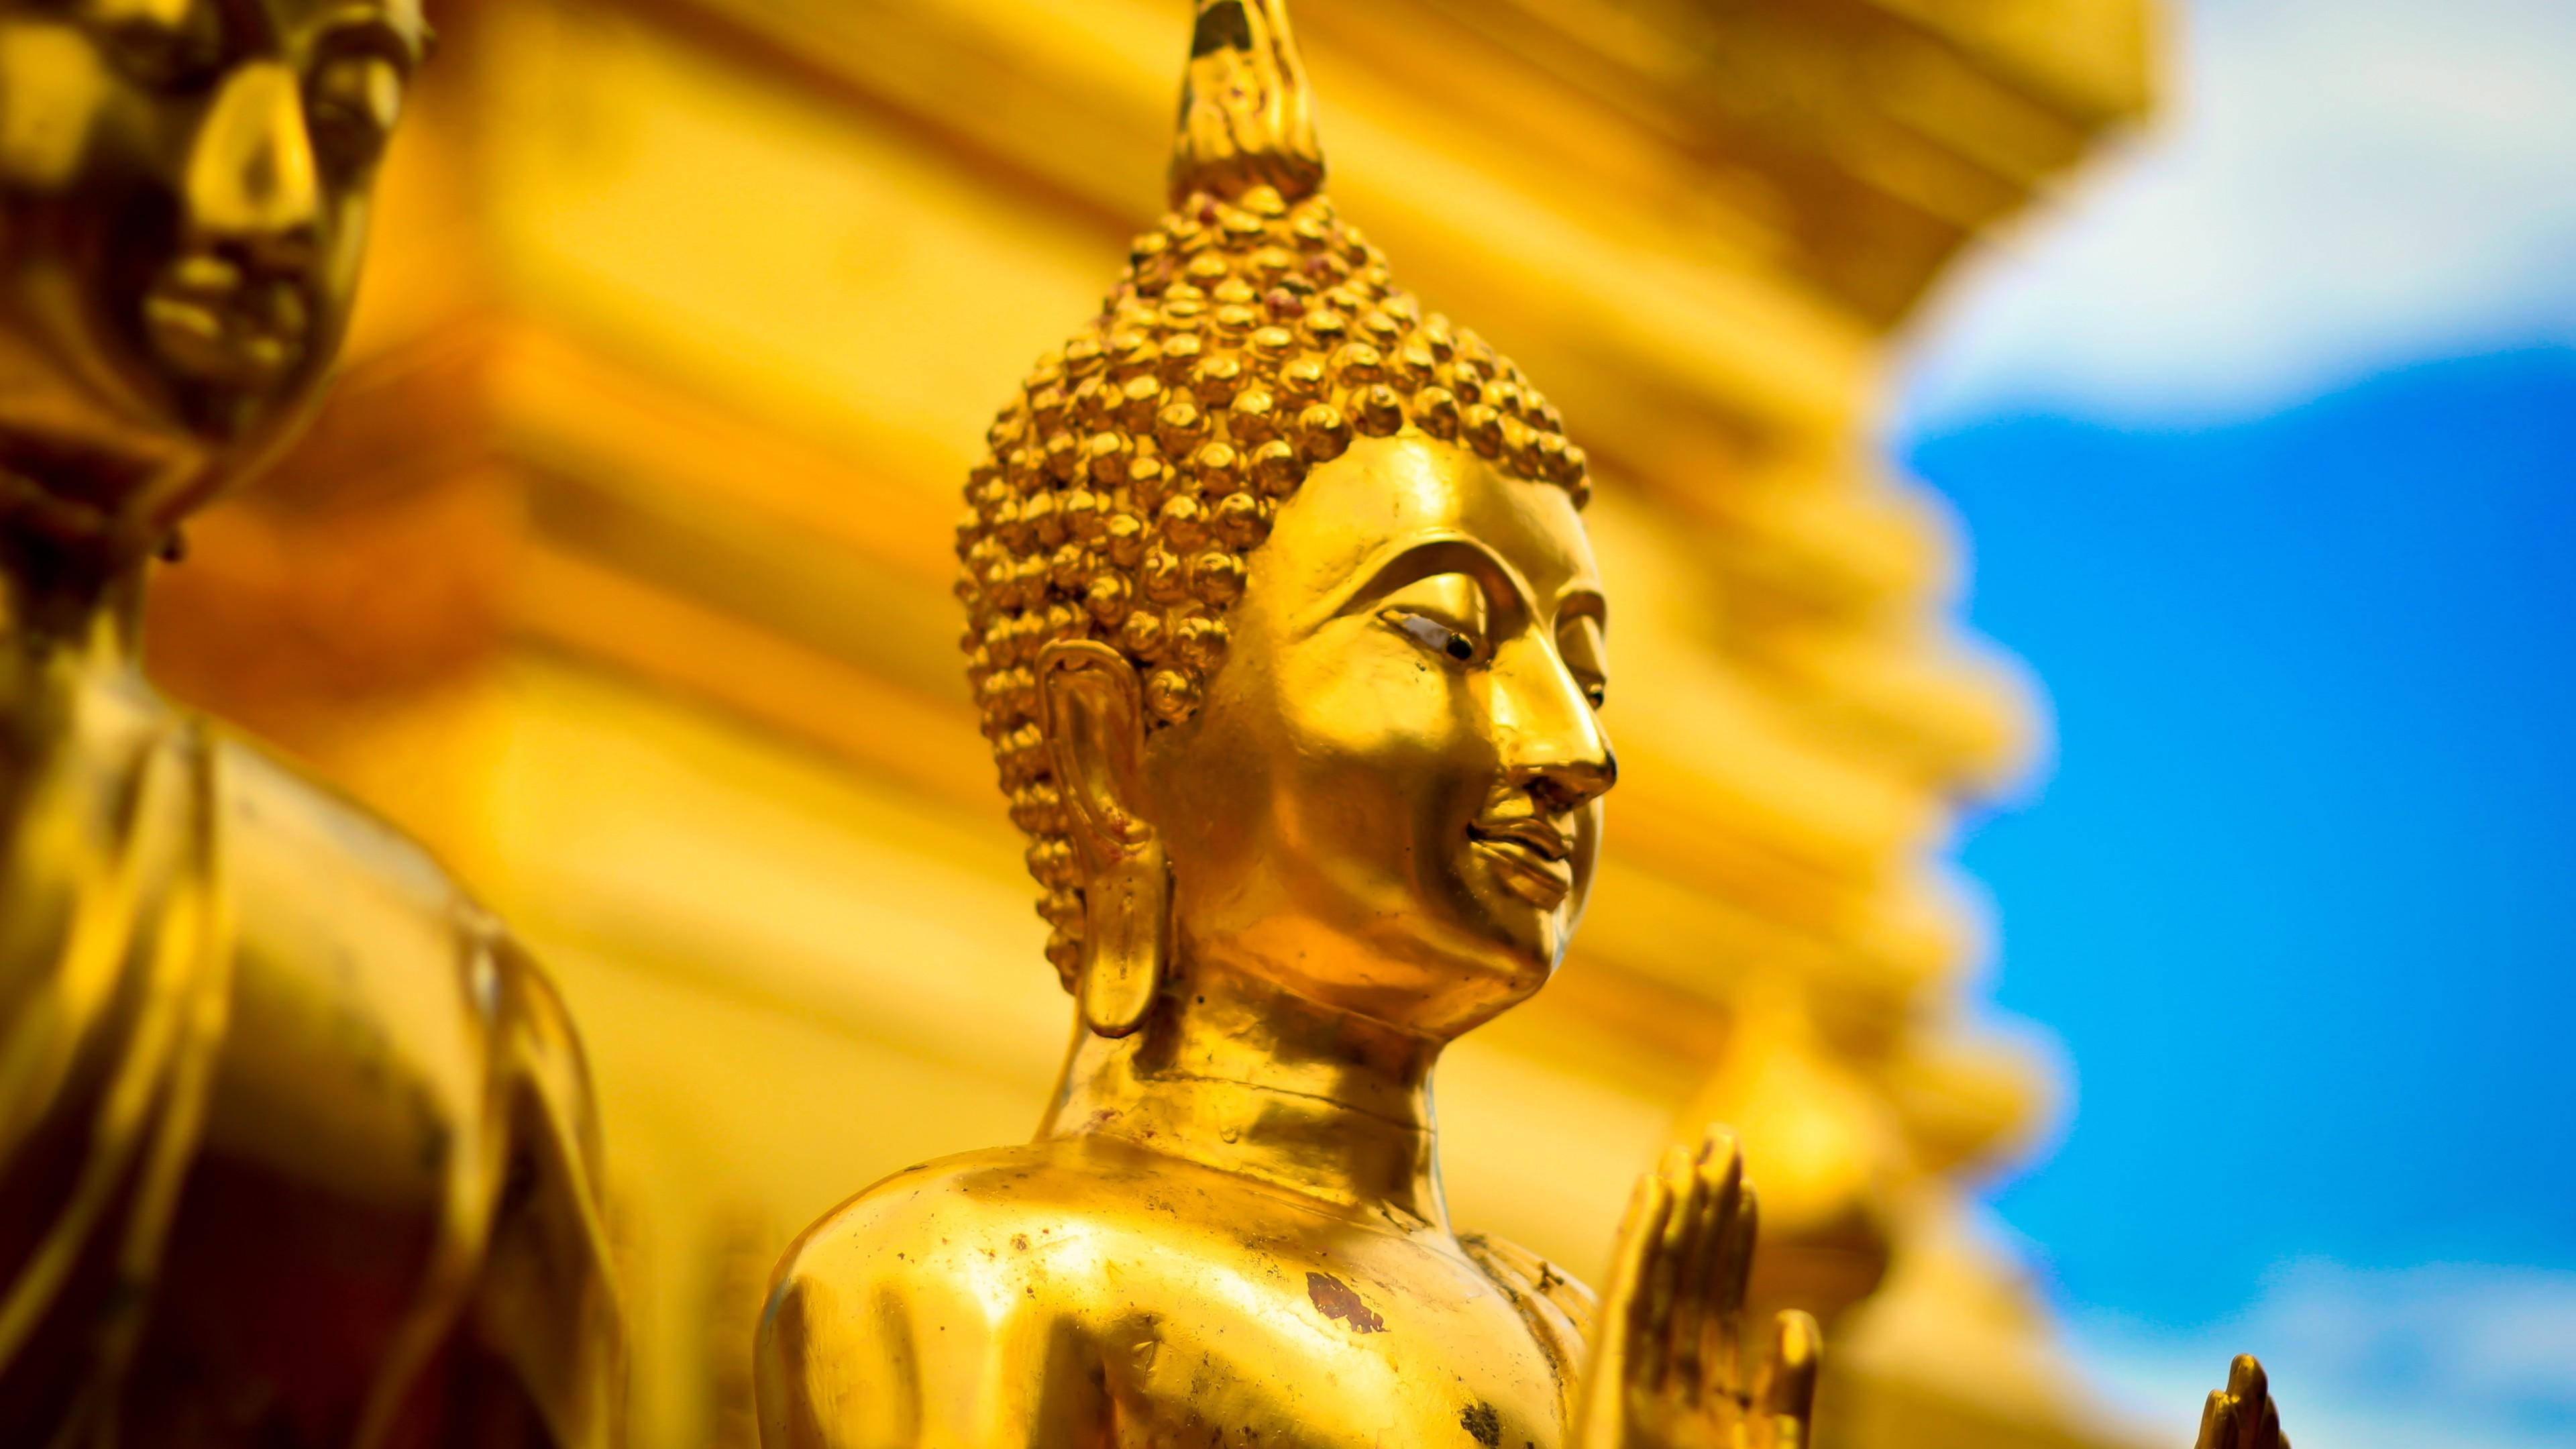 Золотая статуя с закрытыми глазами и ладонями в лучах солнца голубого неба